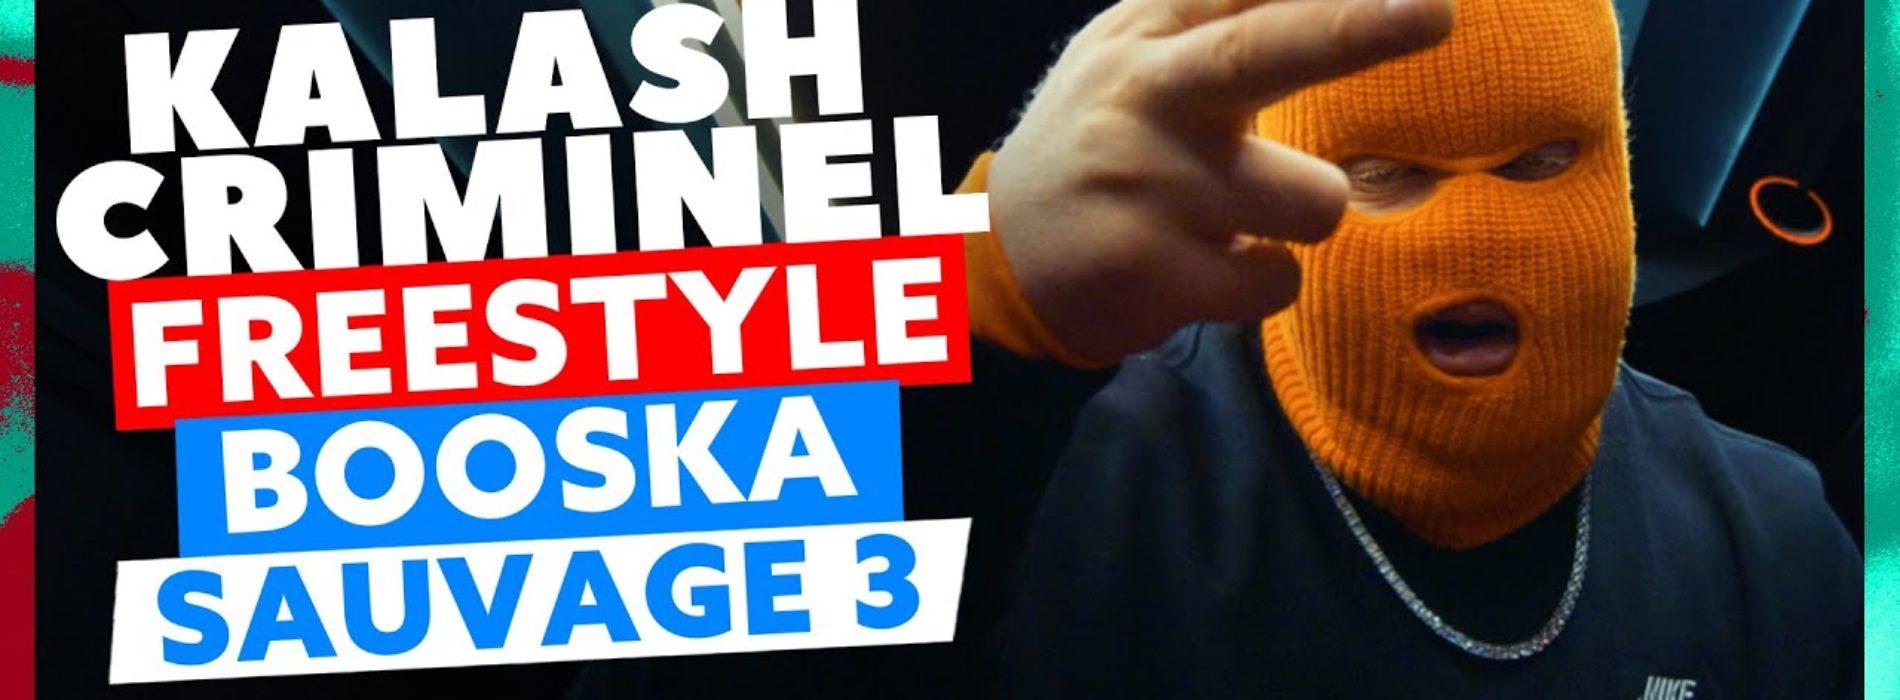 Kalash Criminel, l'interview par Mehdi Maïzi //  Freestyle Booska Sauvage 3 – Novembre 2020